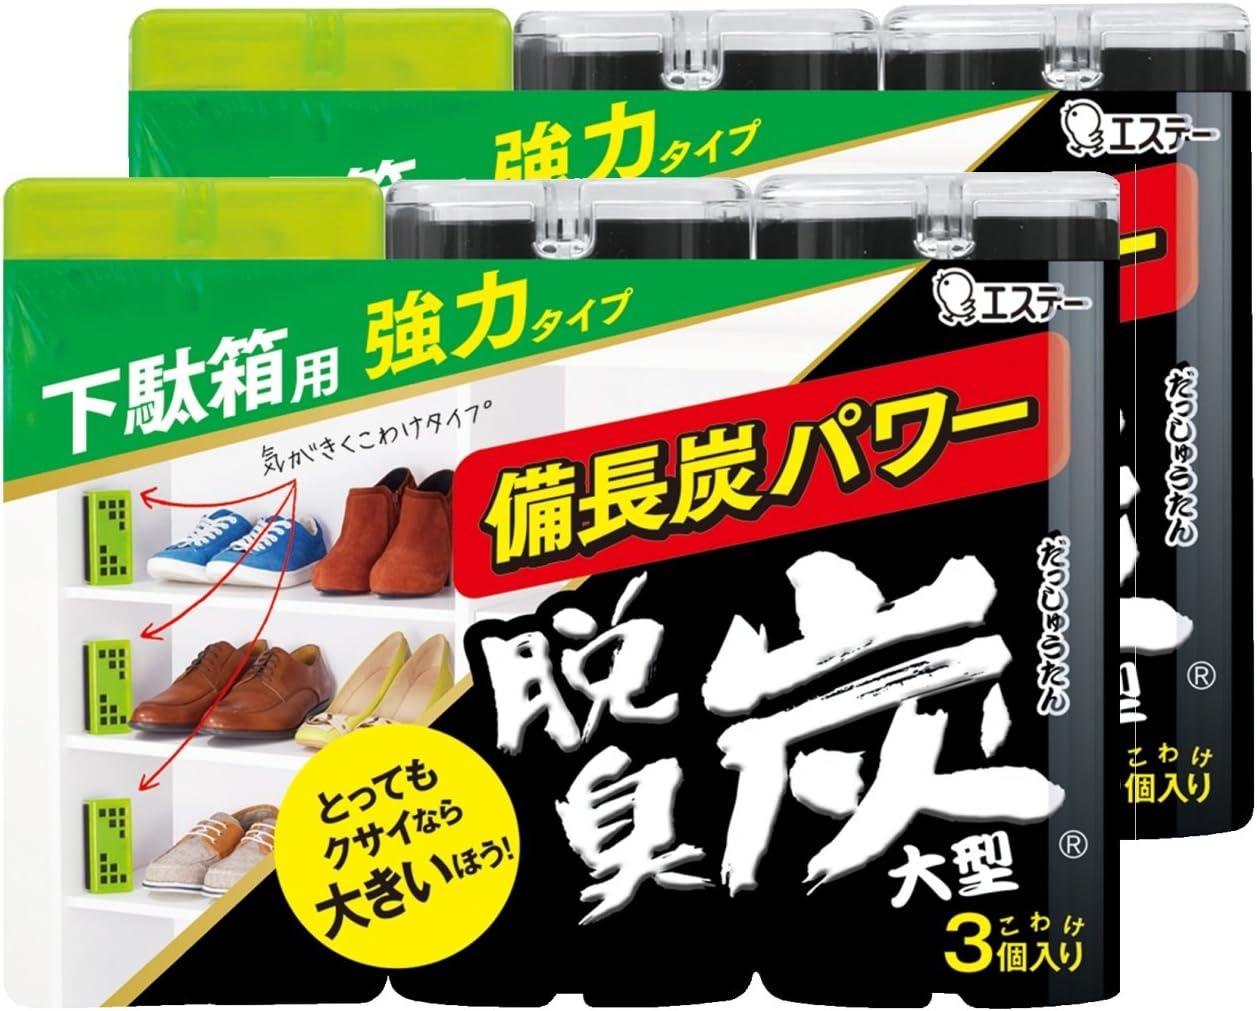 【まとめ買い】 脱臭炭 こわけ 下駄箱用 玄関 脱臭剤 大型 600g (100g 3個入×2個)